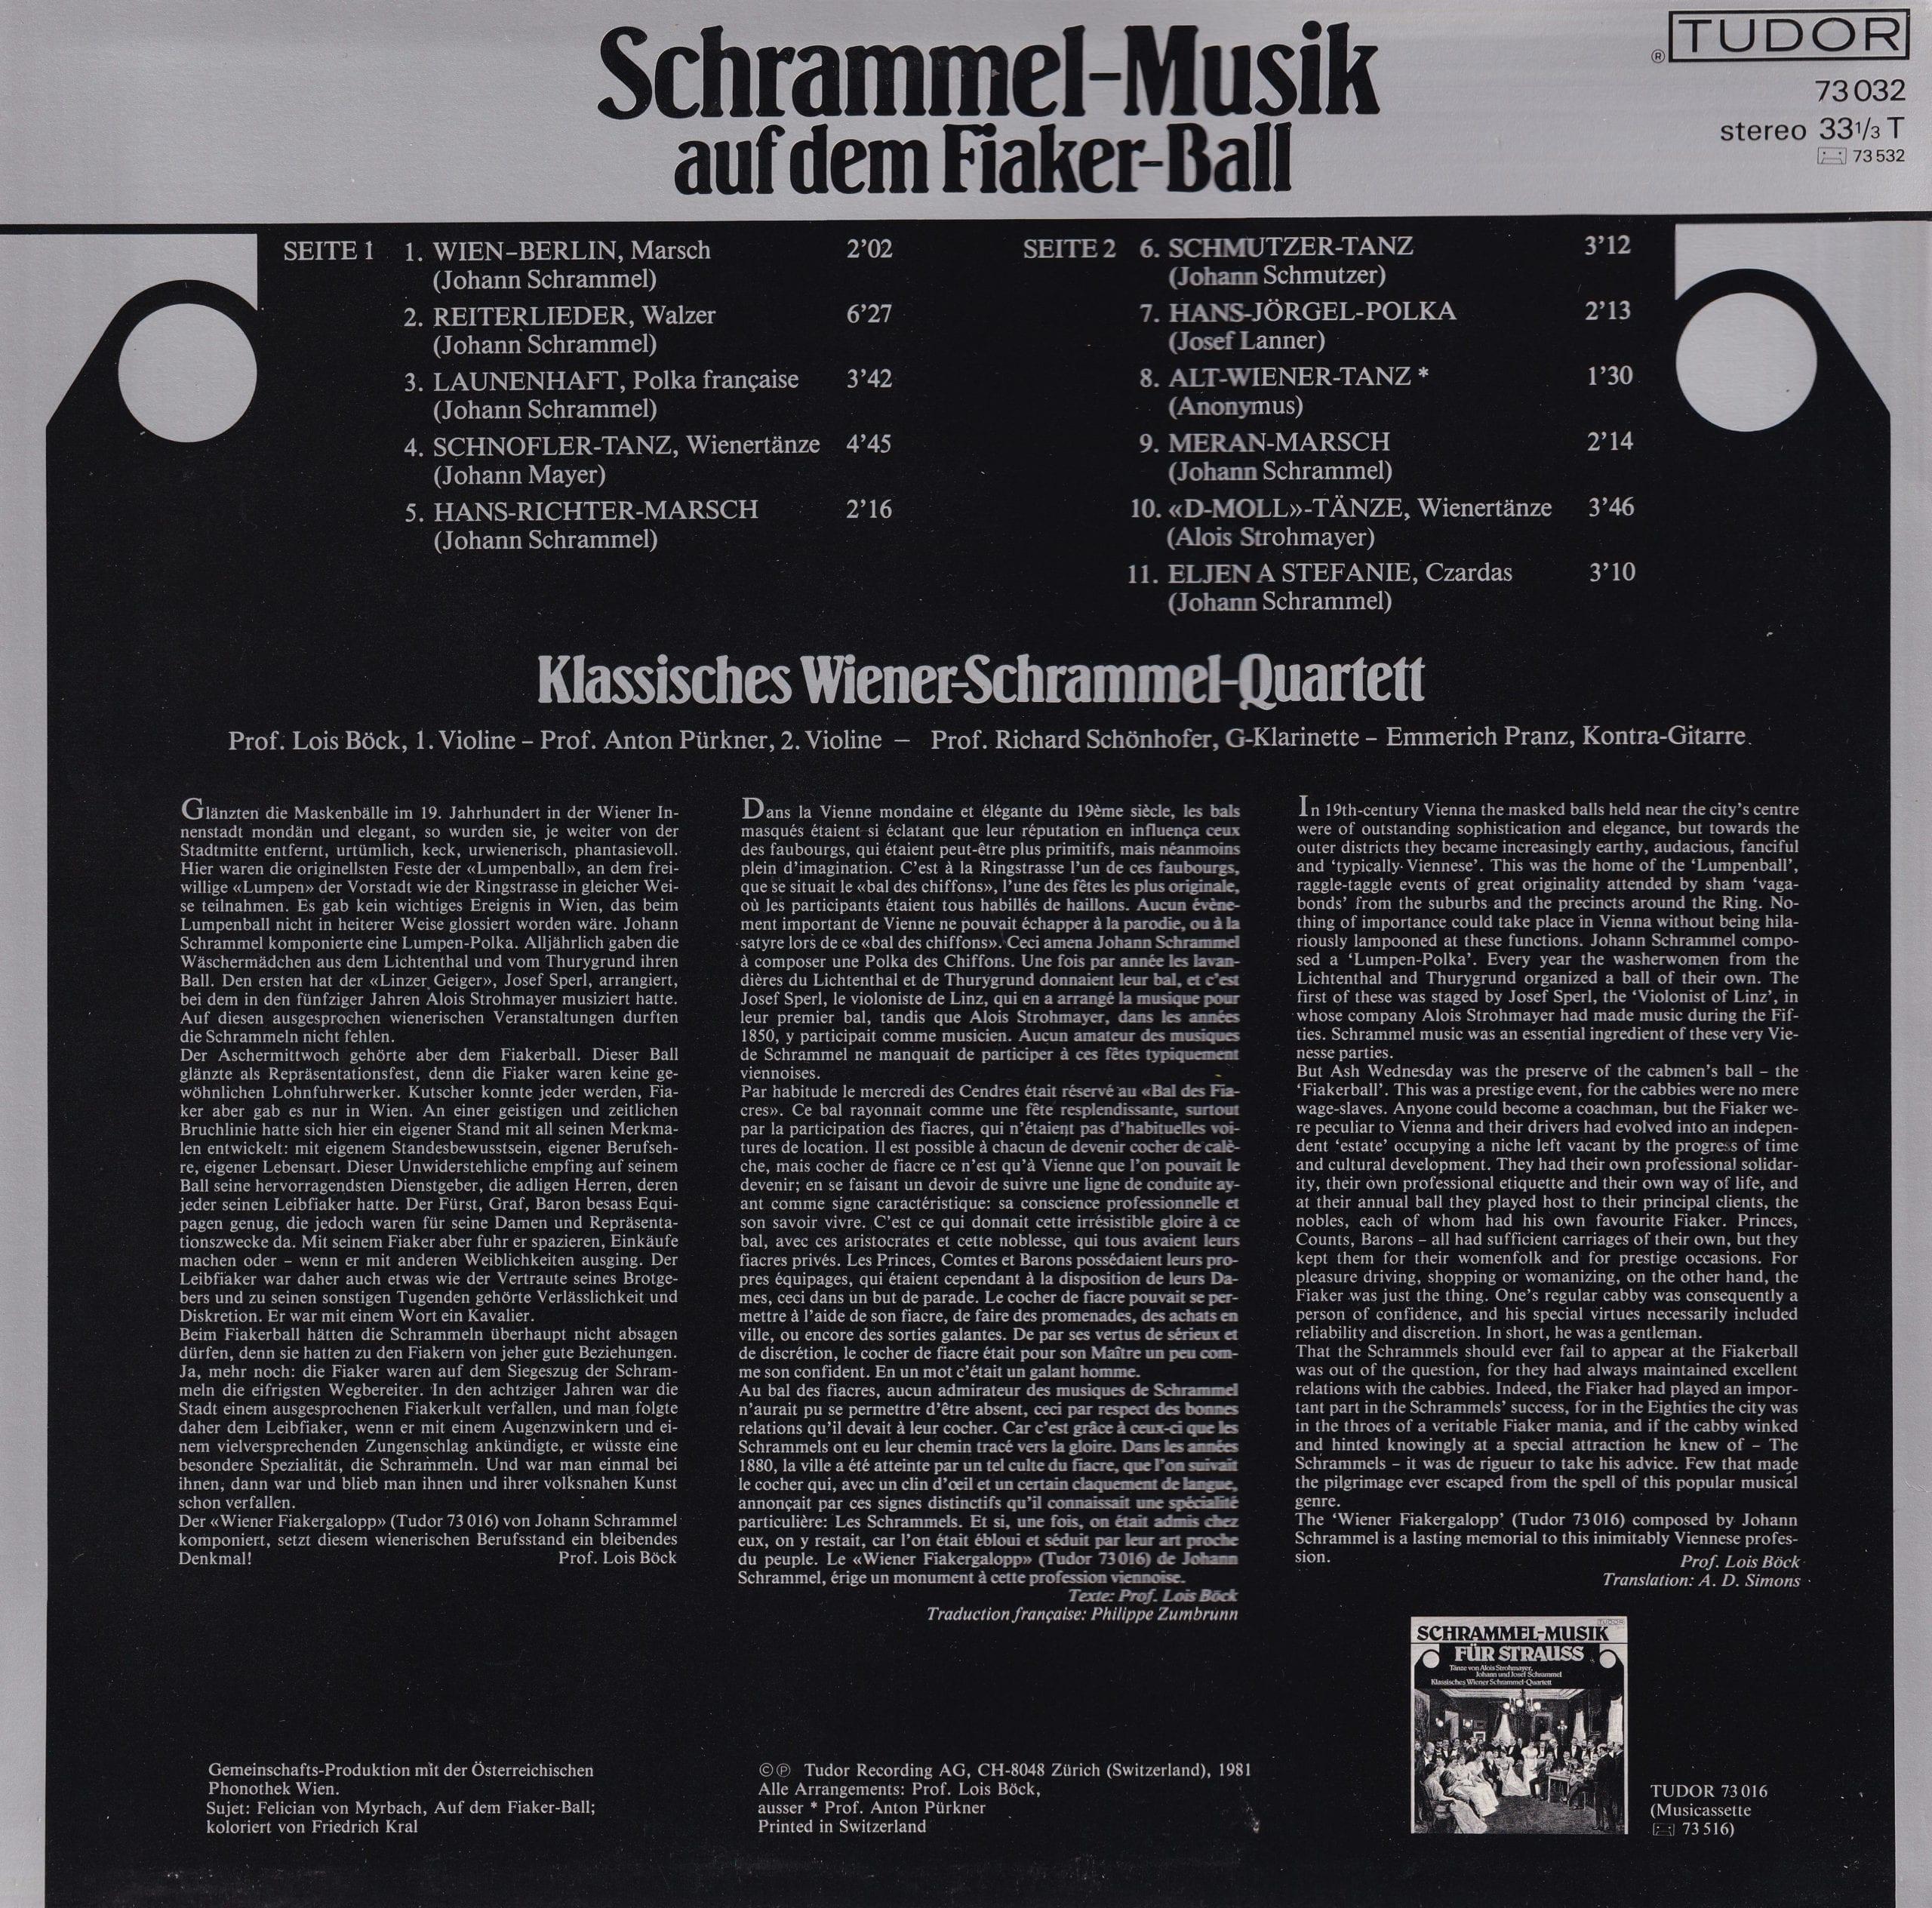 Schrammel-Musik auf dem Fiaker-Ball – 2